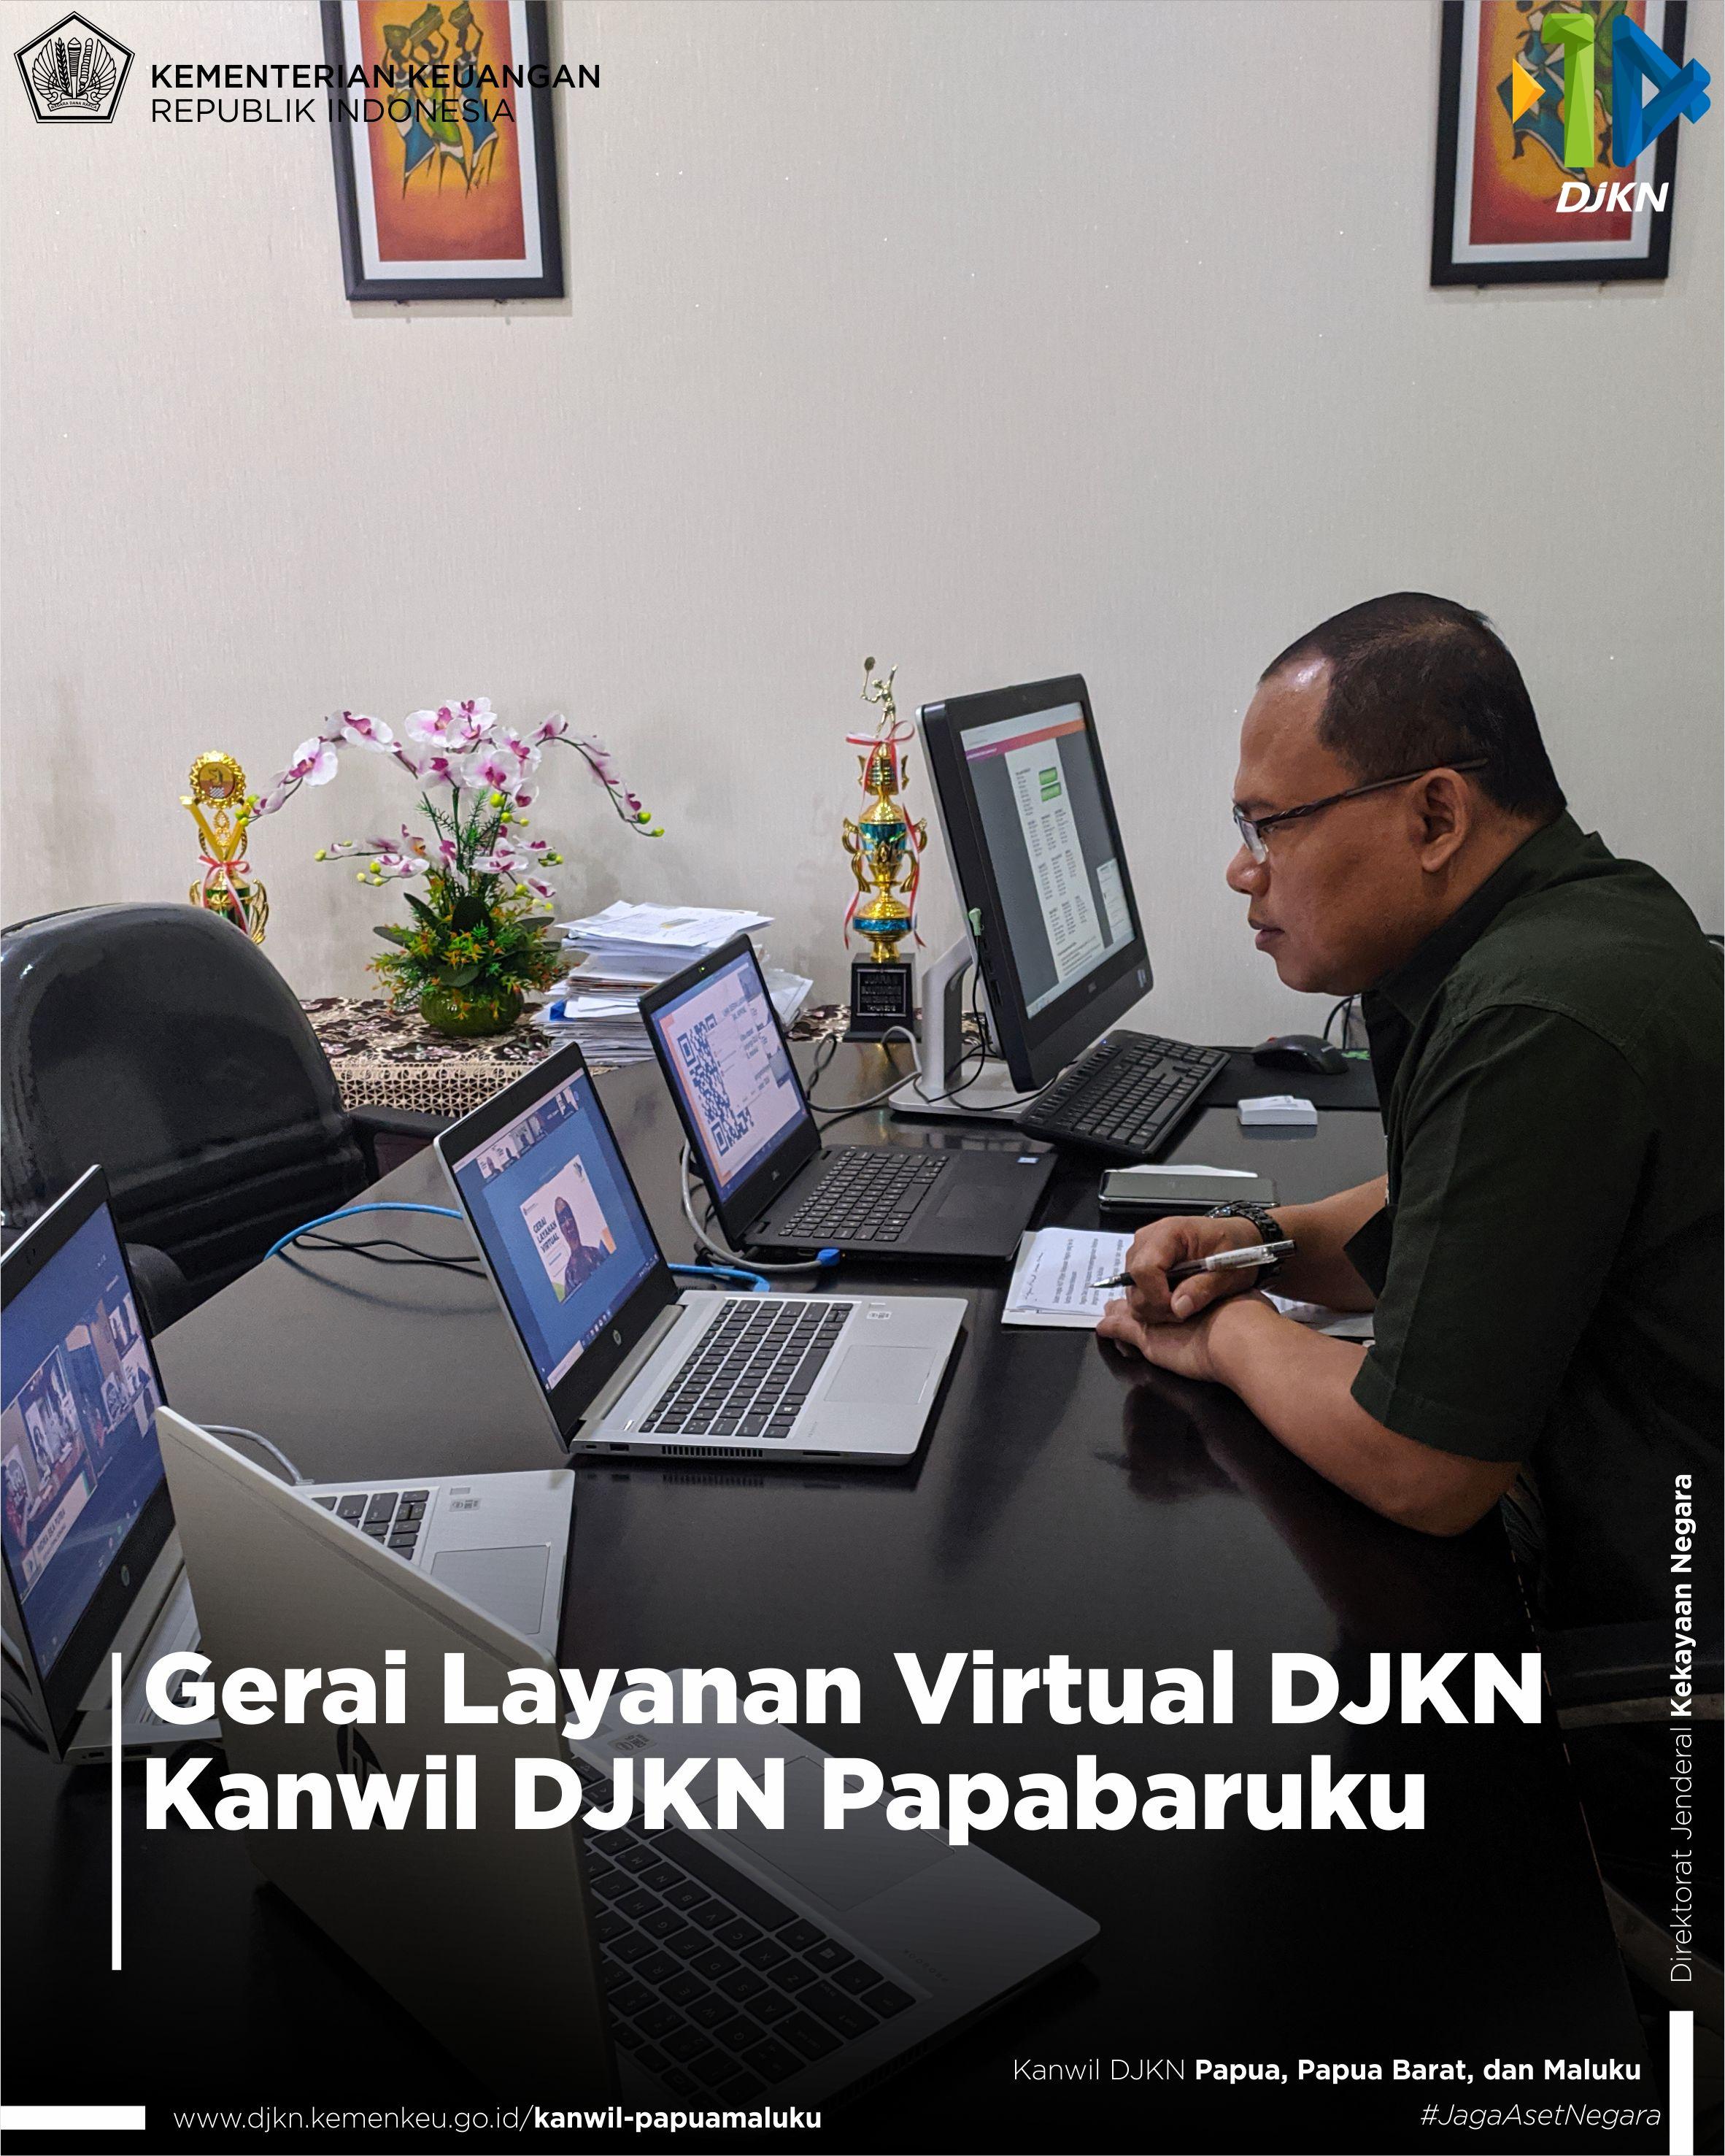 Gerai Layanan Virtual DJKN lingkup Kanwil DJKN Papabaruku